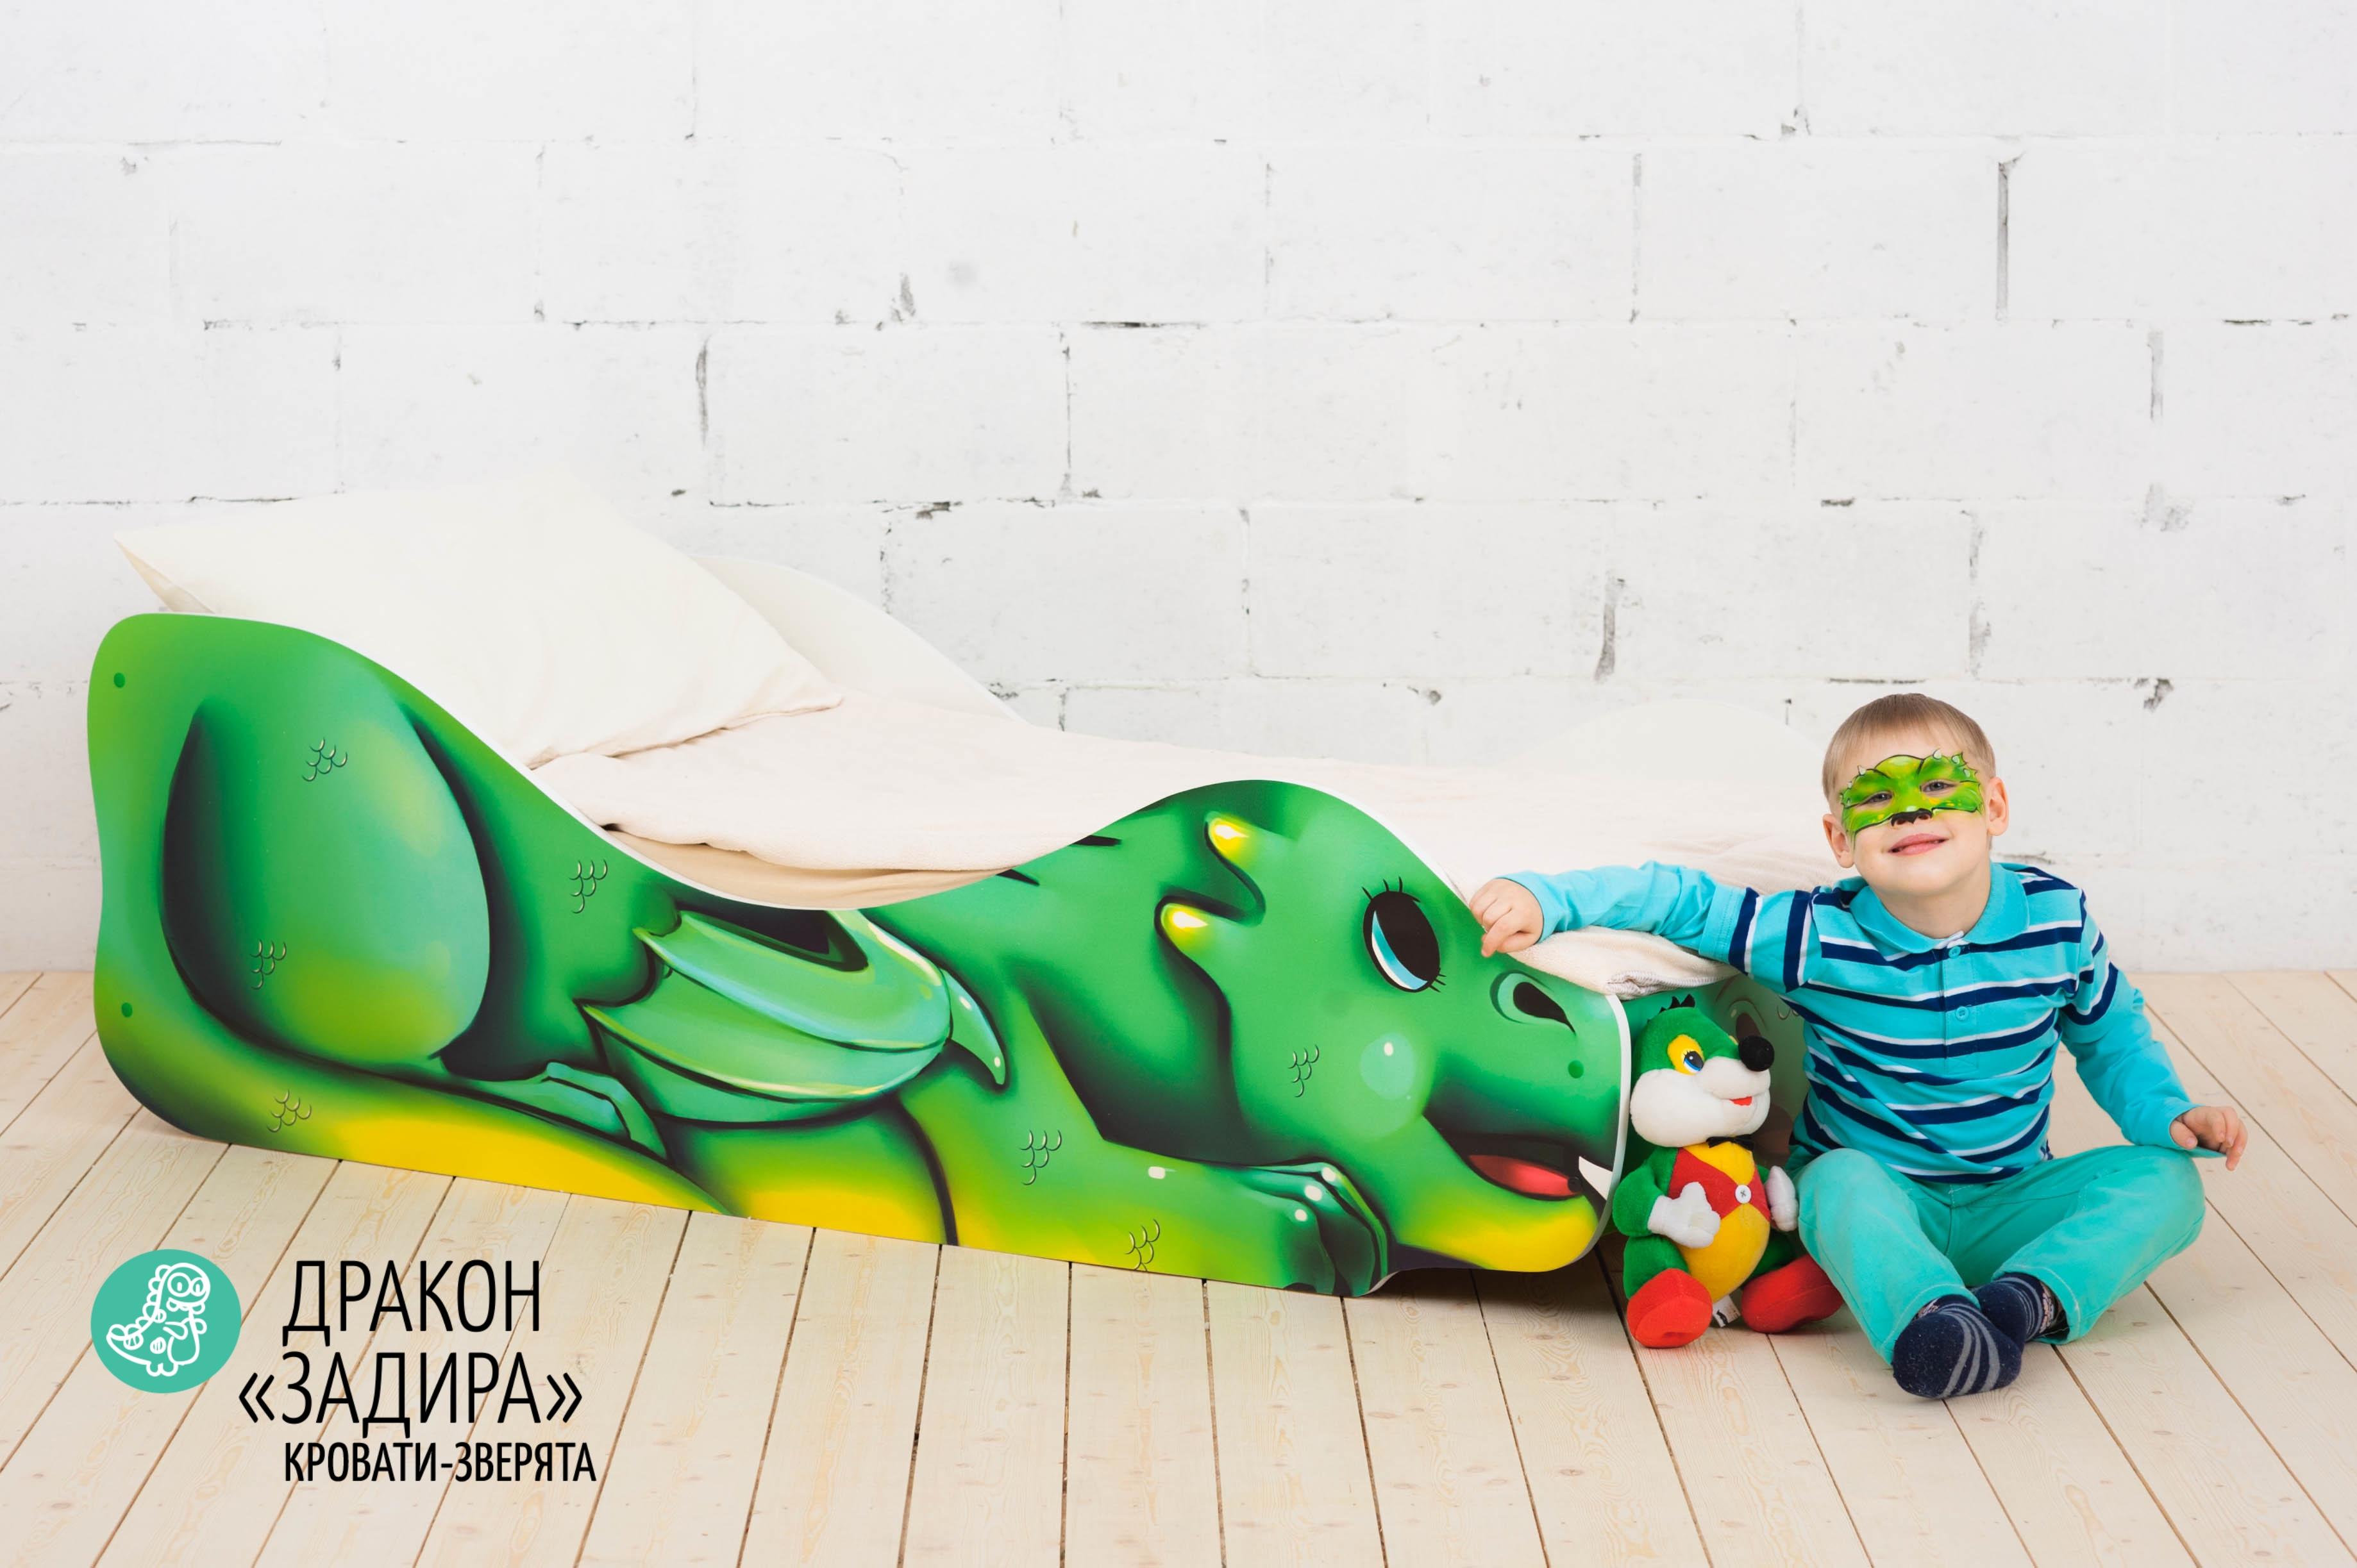 Детская кровать-зверенок -Дракон-Задира-19